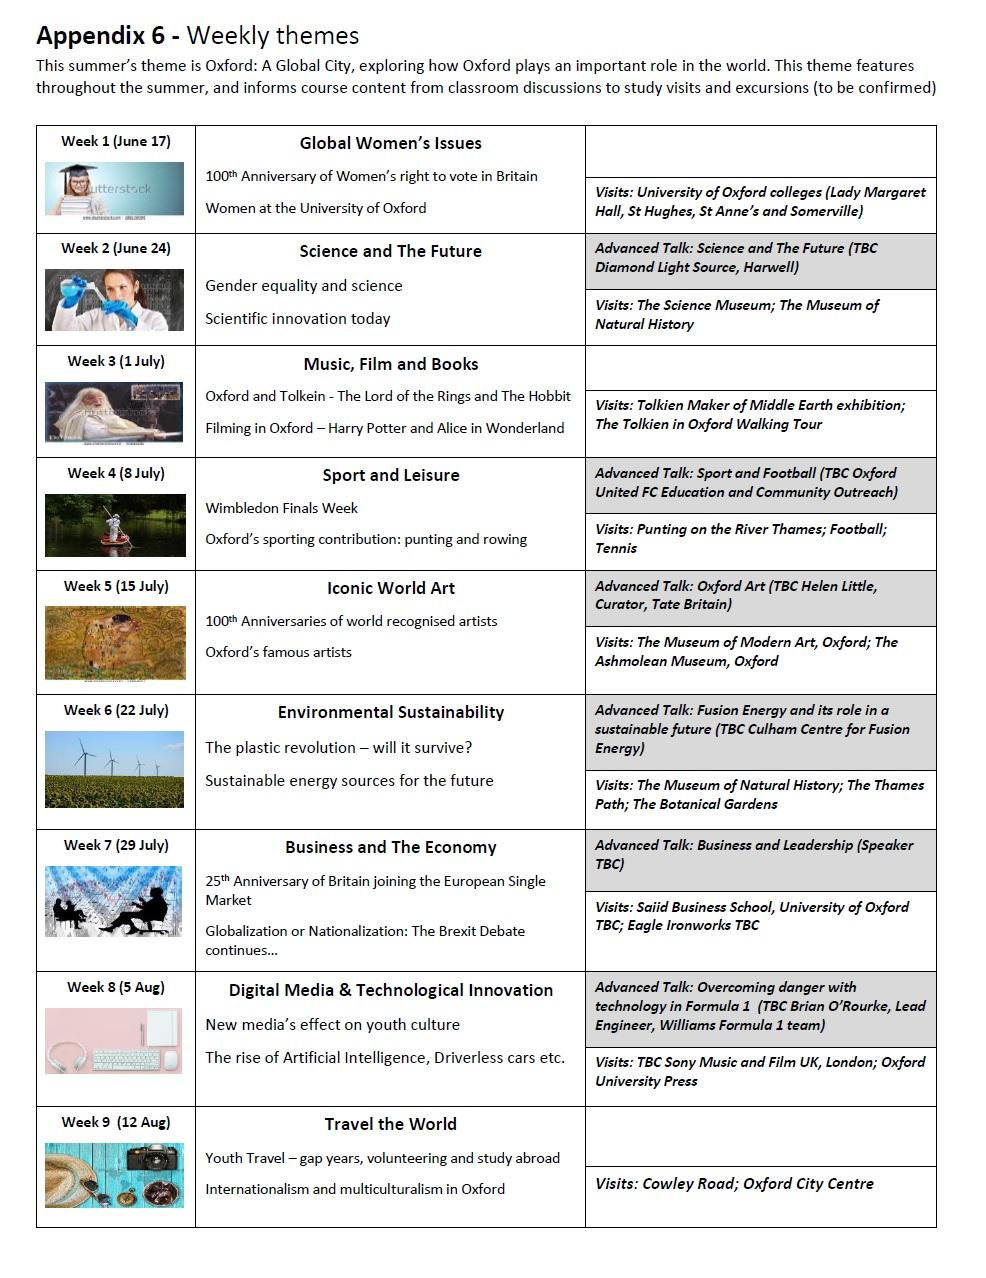 【中高生の夏休み留学】オックスフォード老舗語学学校で英語レッスン+アクティビティ|イギリス・オックスフォード郊外(St Clare's Oxford)サンプルスケジュール